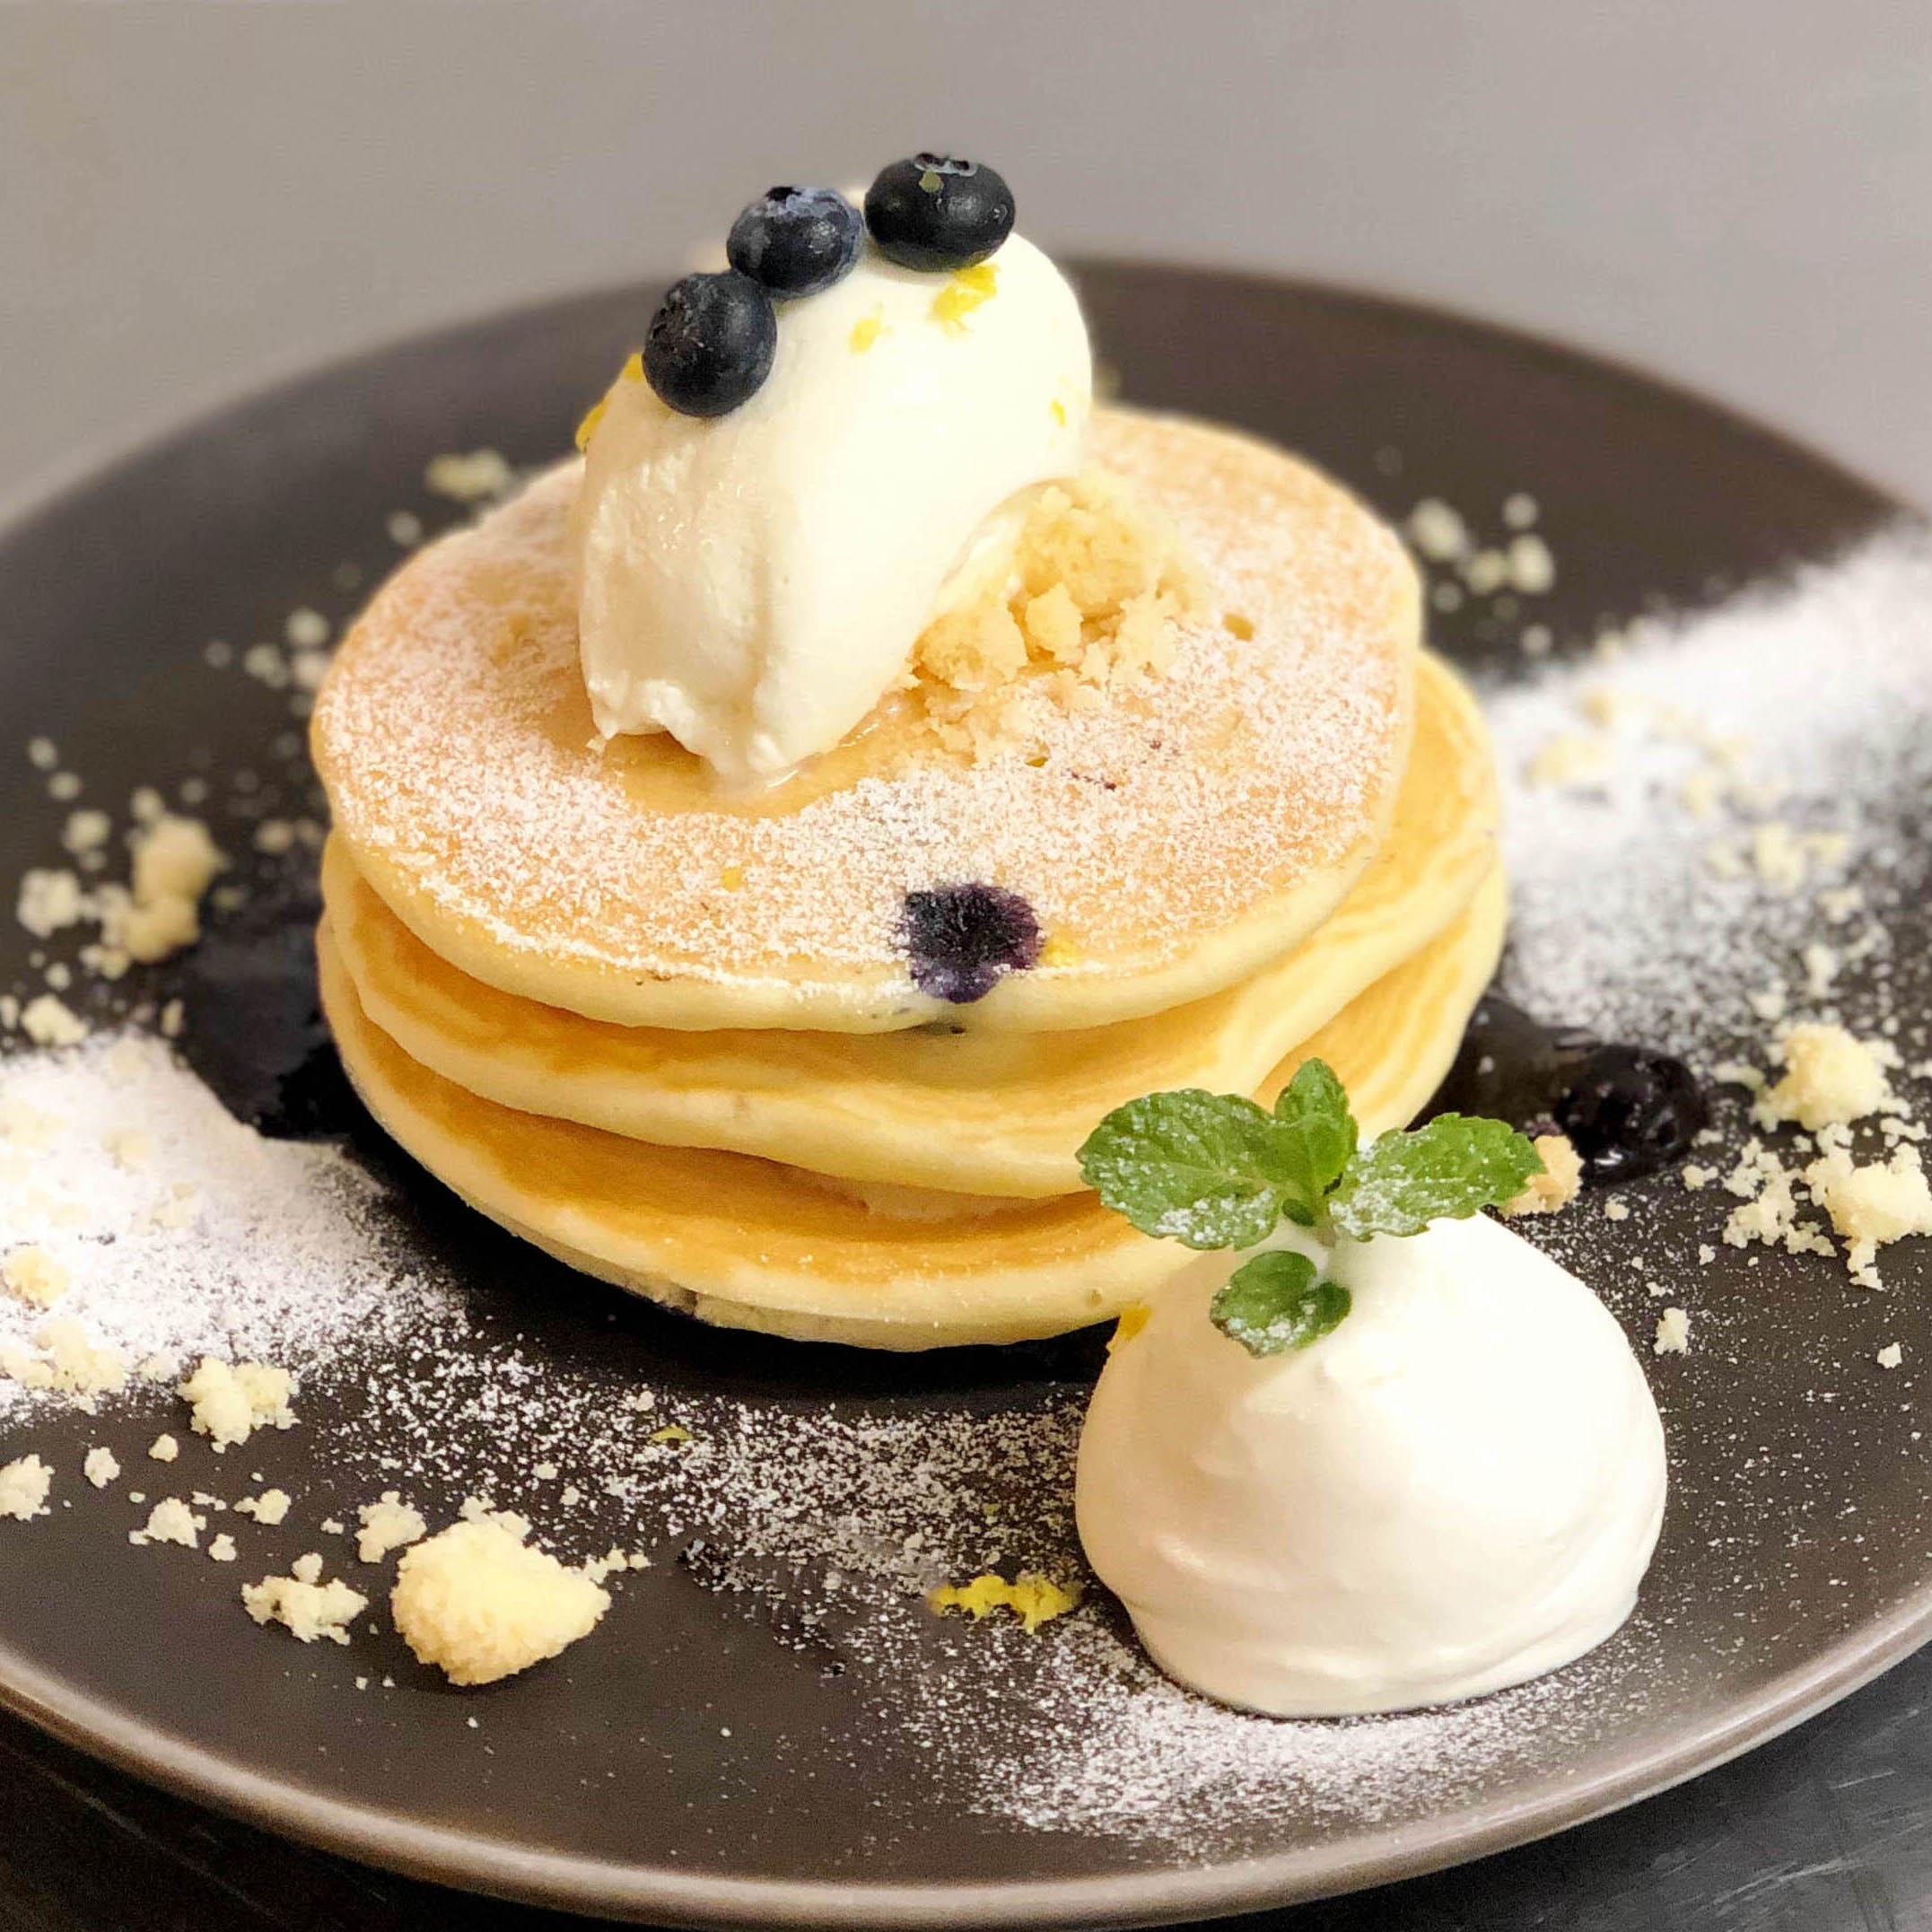 【夏期限定】レアチーズムースともっちりブルーベリーパンケーキ